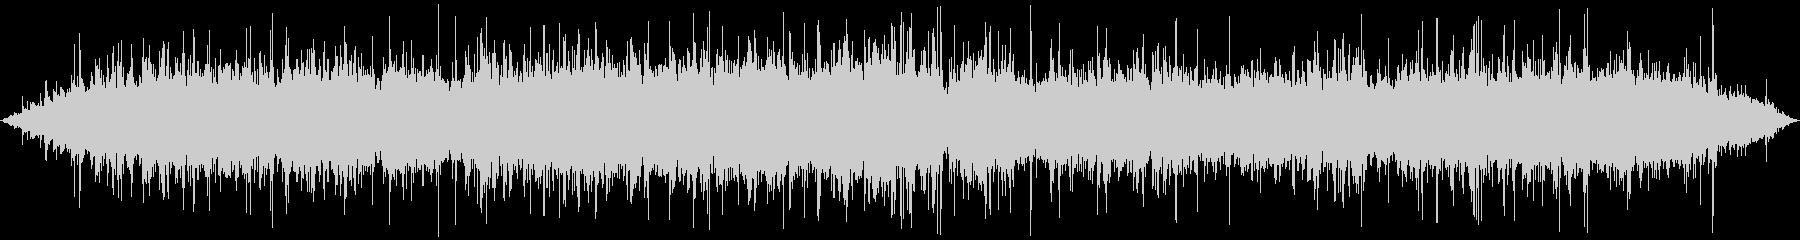 ジュゥゥゥ…+パチパチ… (長め、焼く)の未再生の波形